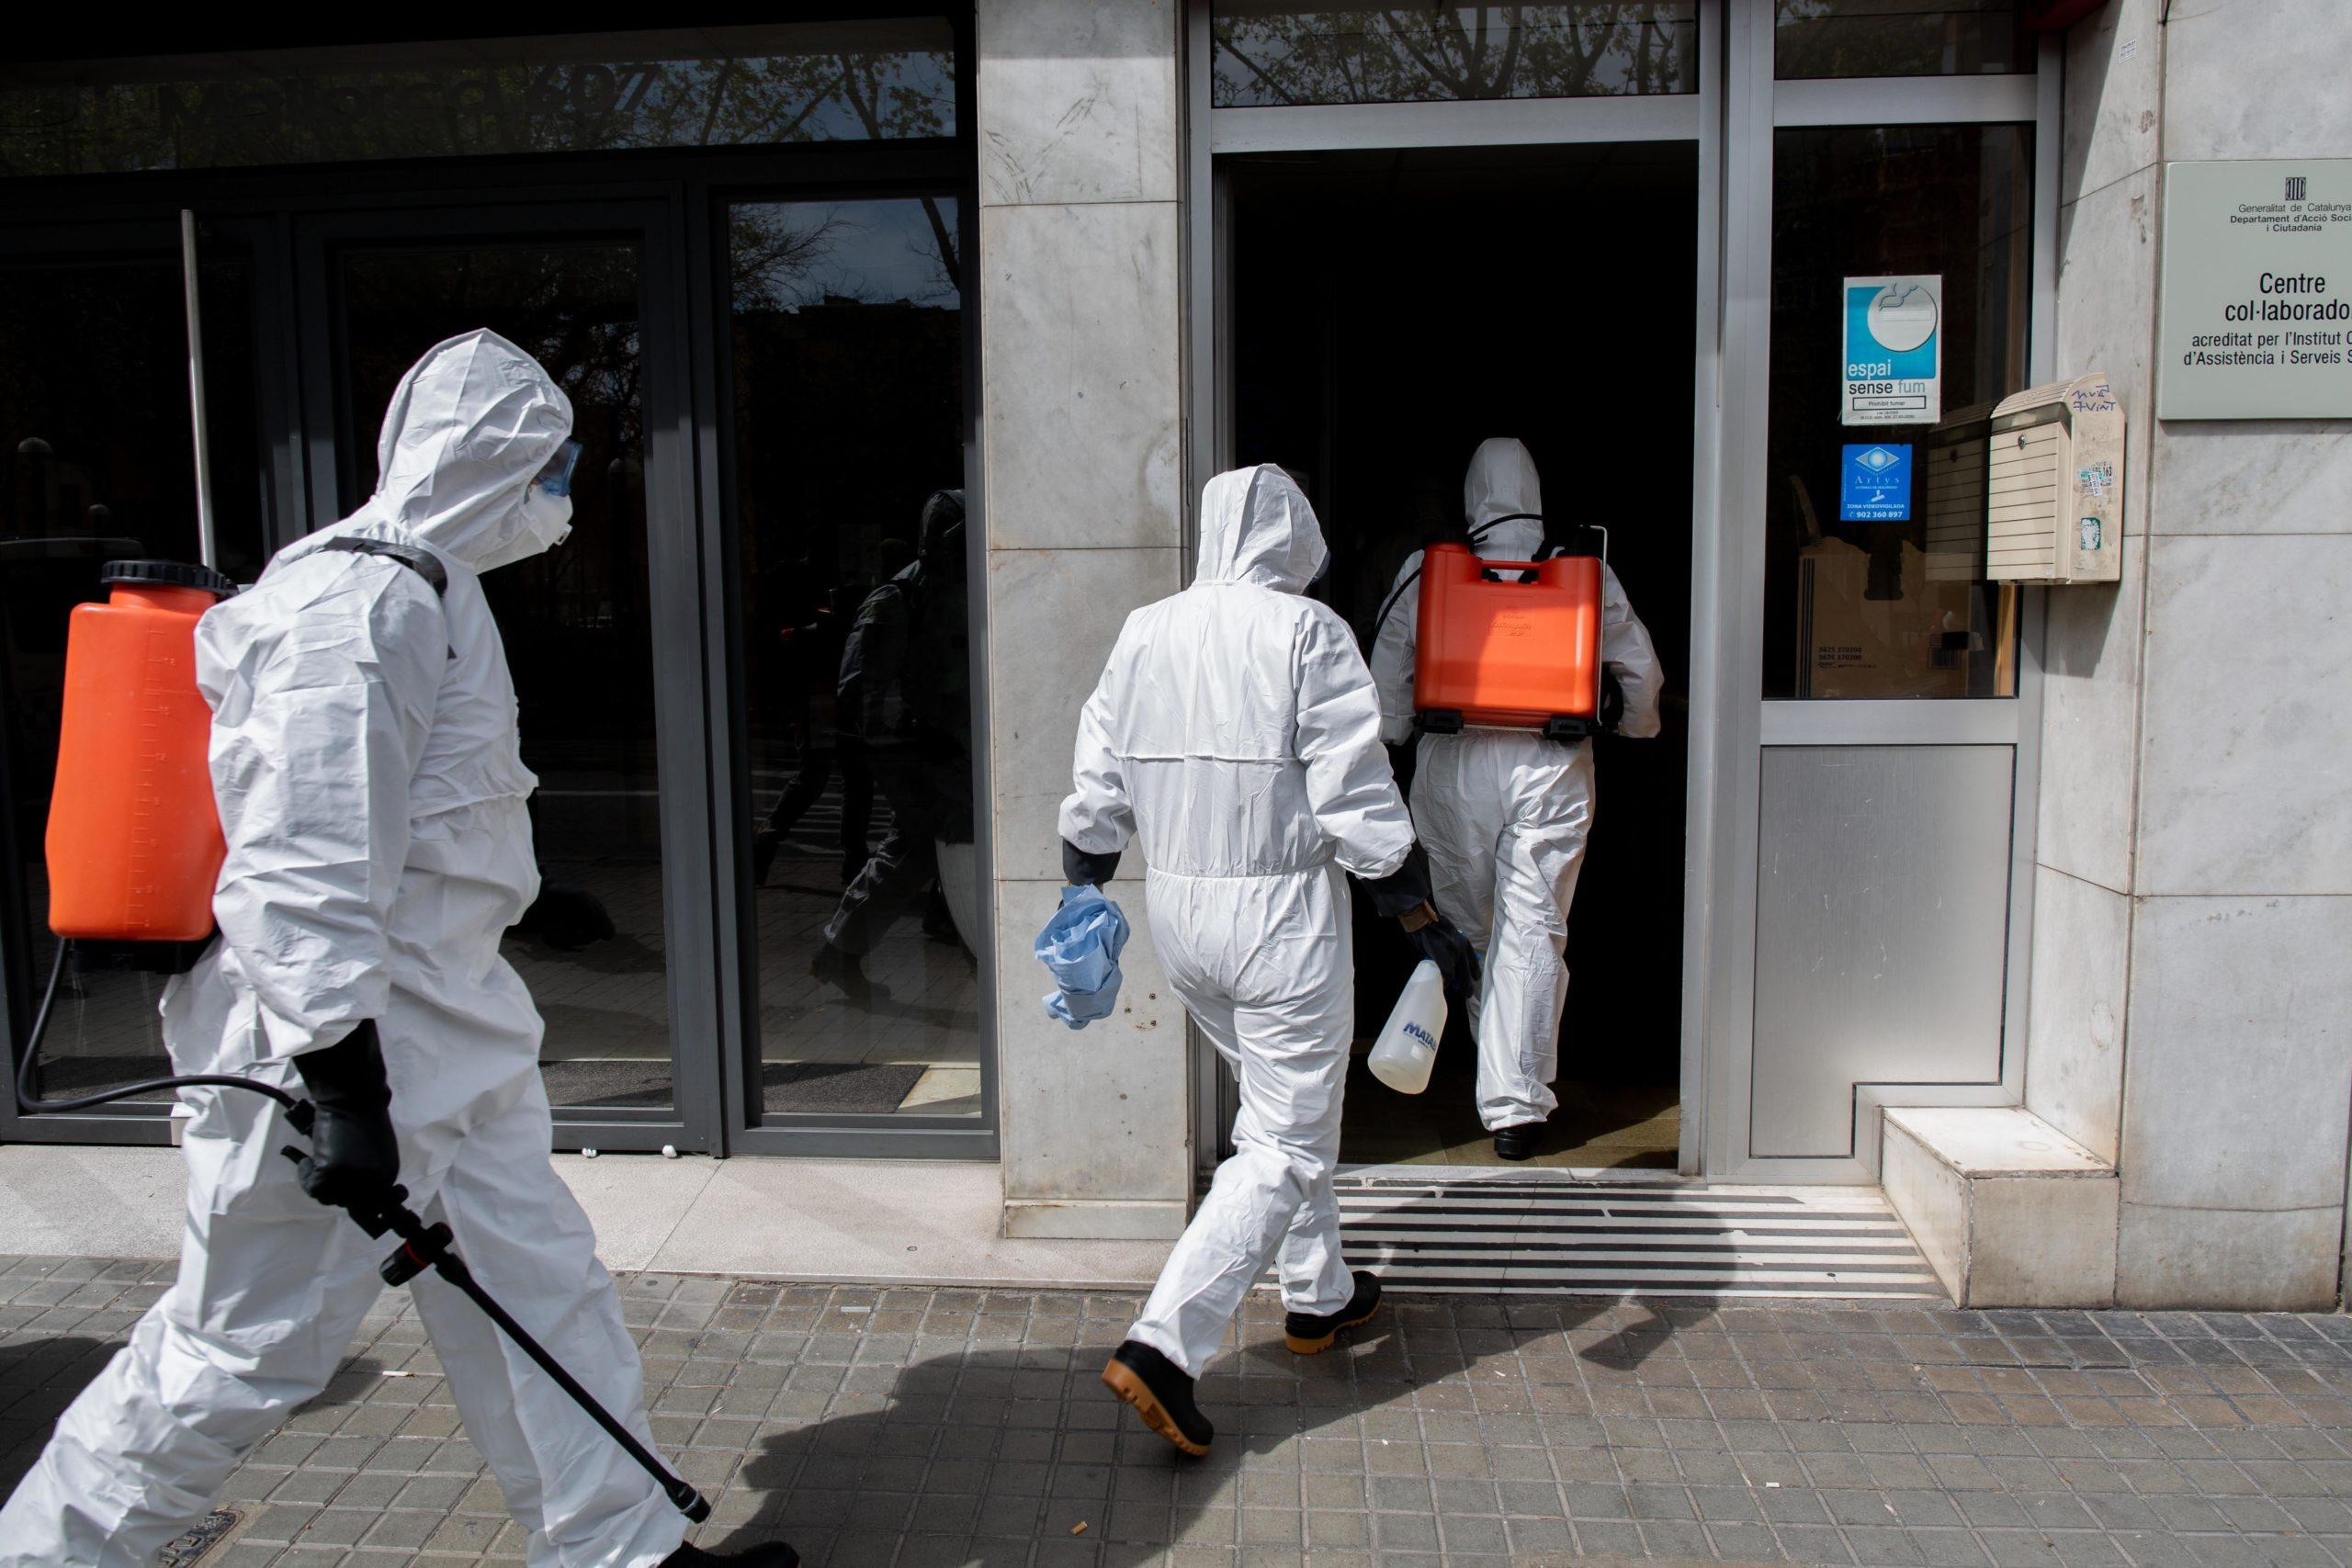 Imatge d'arxiu de militars entrant a una residència barcelonina / Europa Press (David Zorrakino)